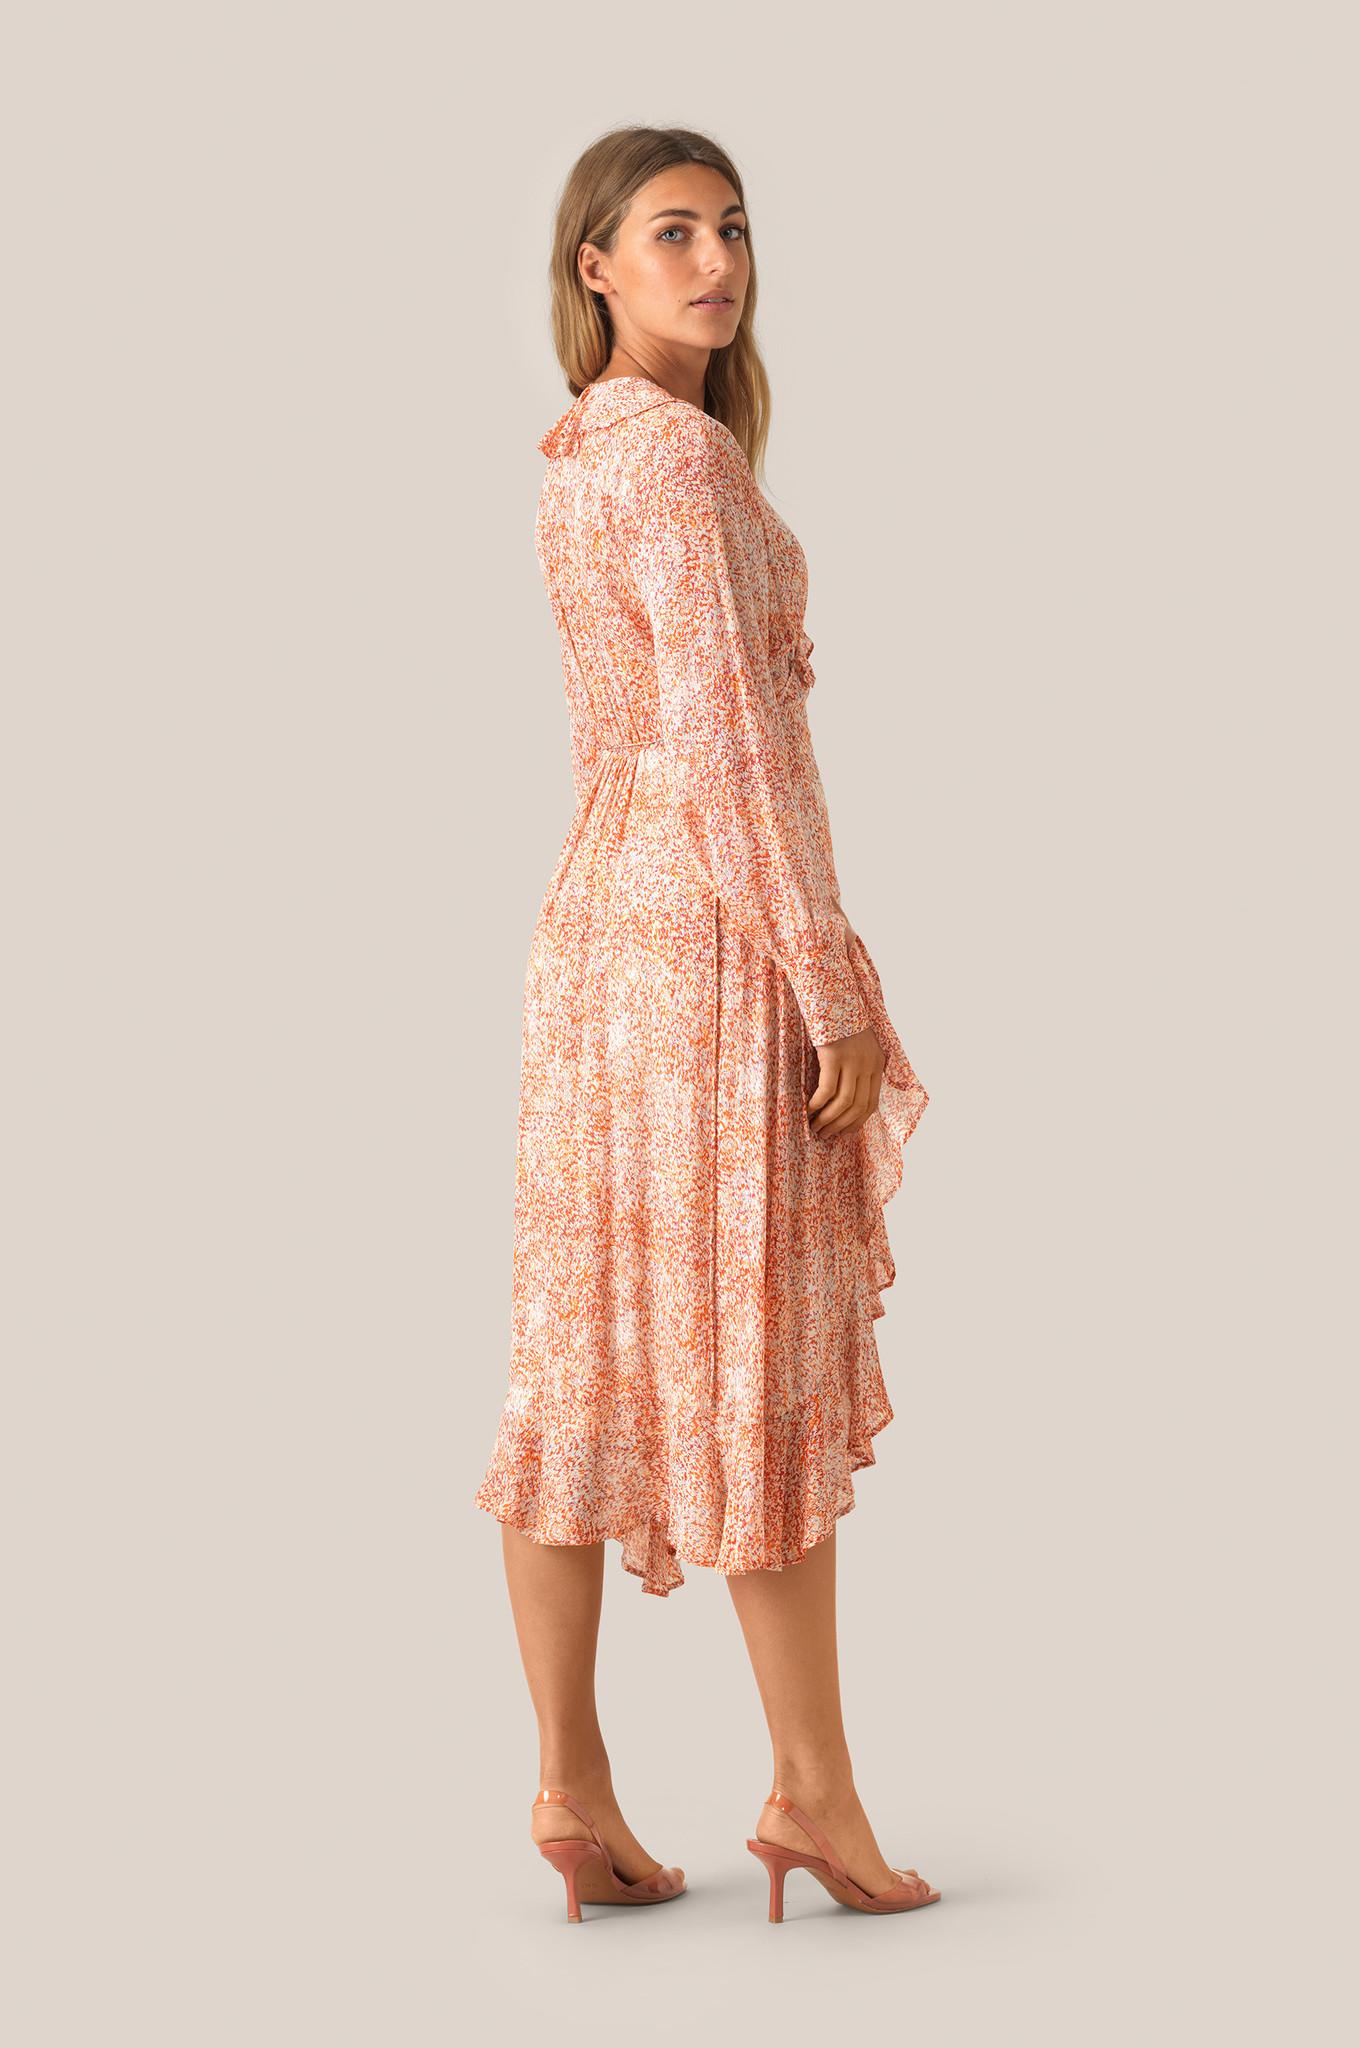 Floral LS Wrap Dress - Apricot Brandy-4